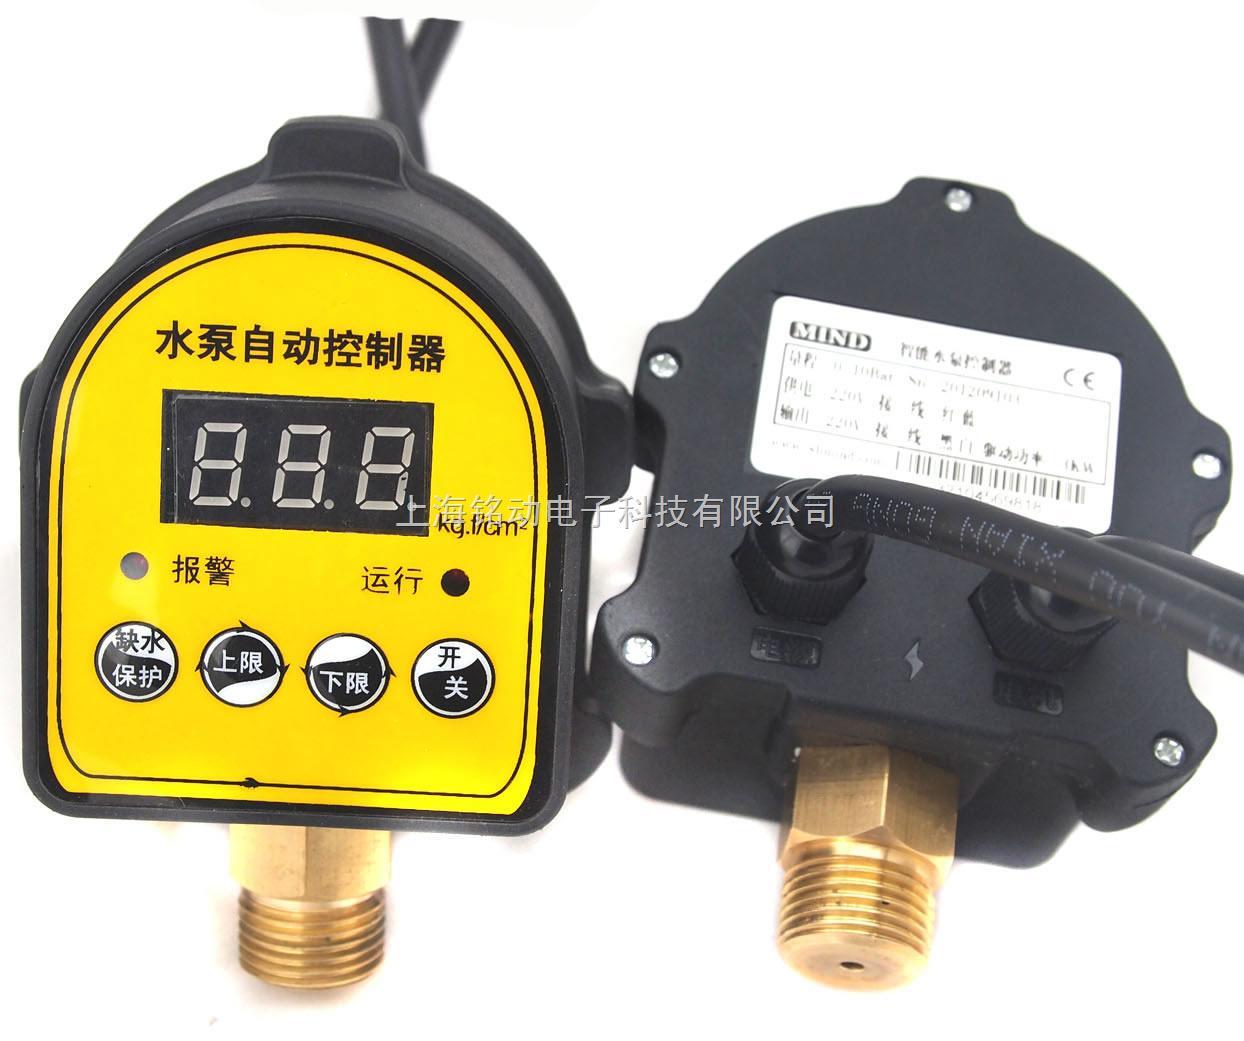 md-sw水泵智能控制器_中国环保在线